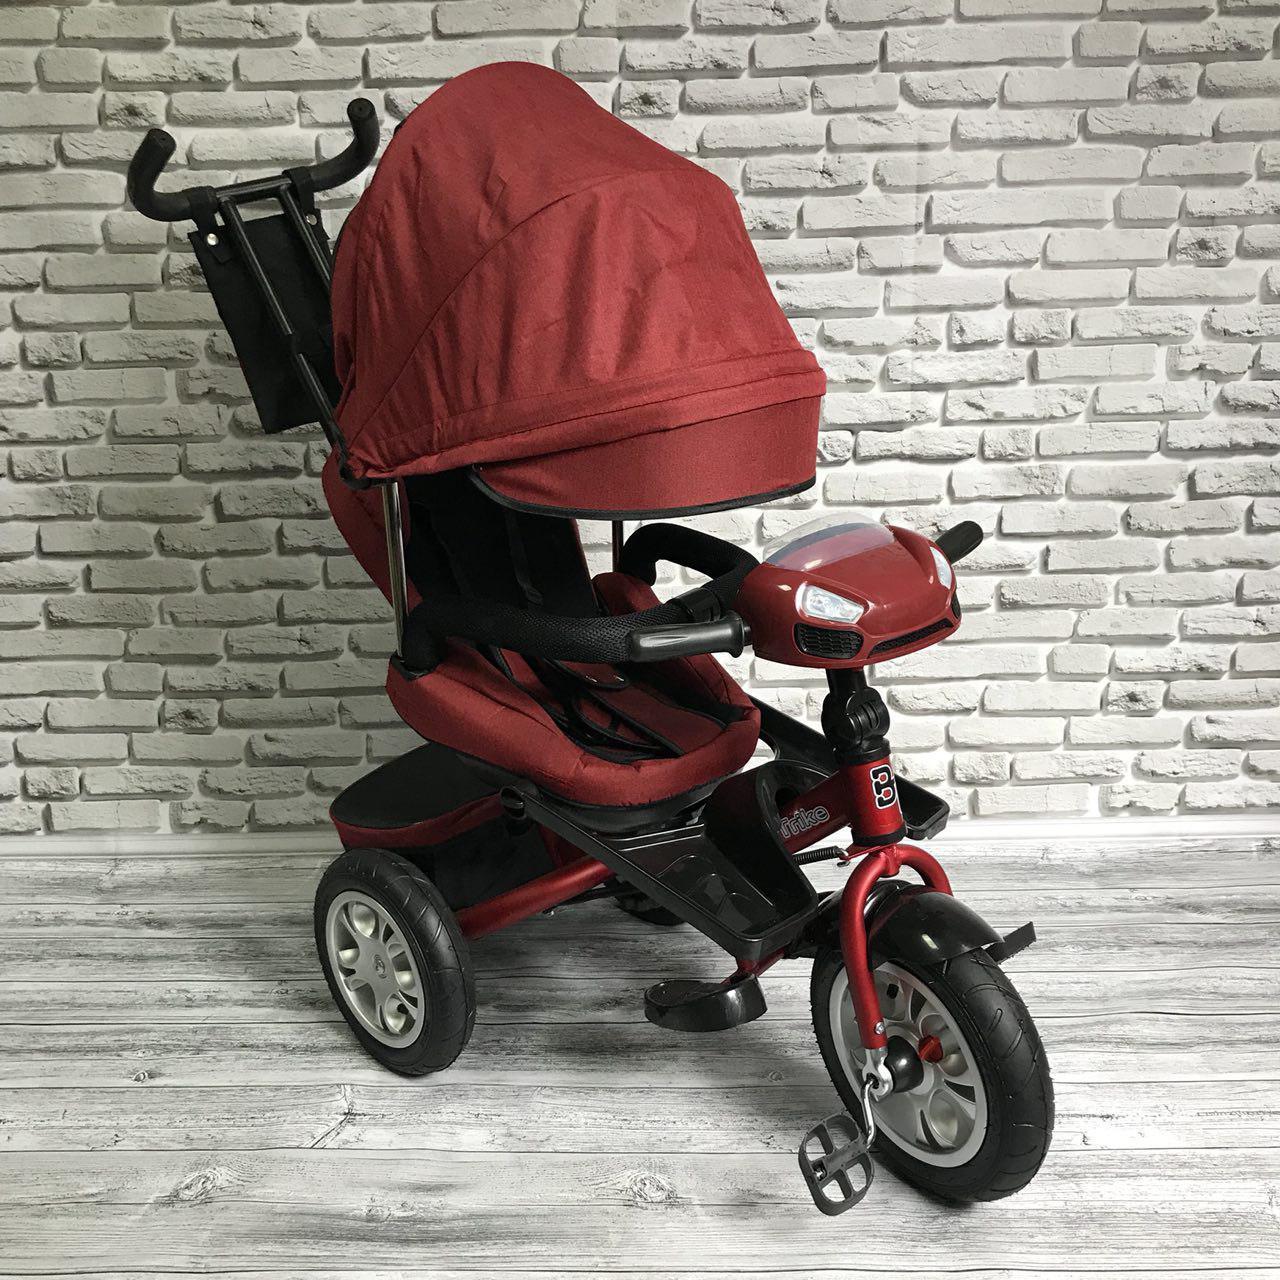 Велосипед трехколесный 5099-1 ткань лен, поворотное сиденье,музыка,надувные колеса (КРАСНЫЙ)